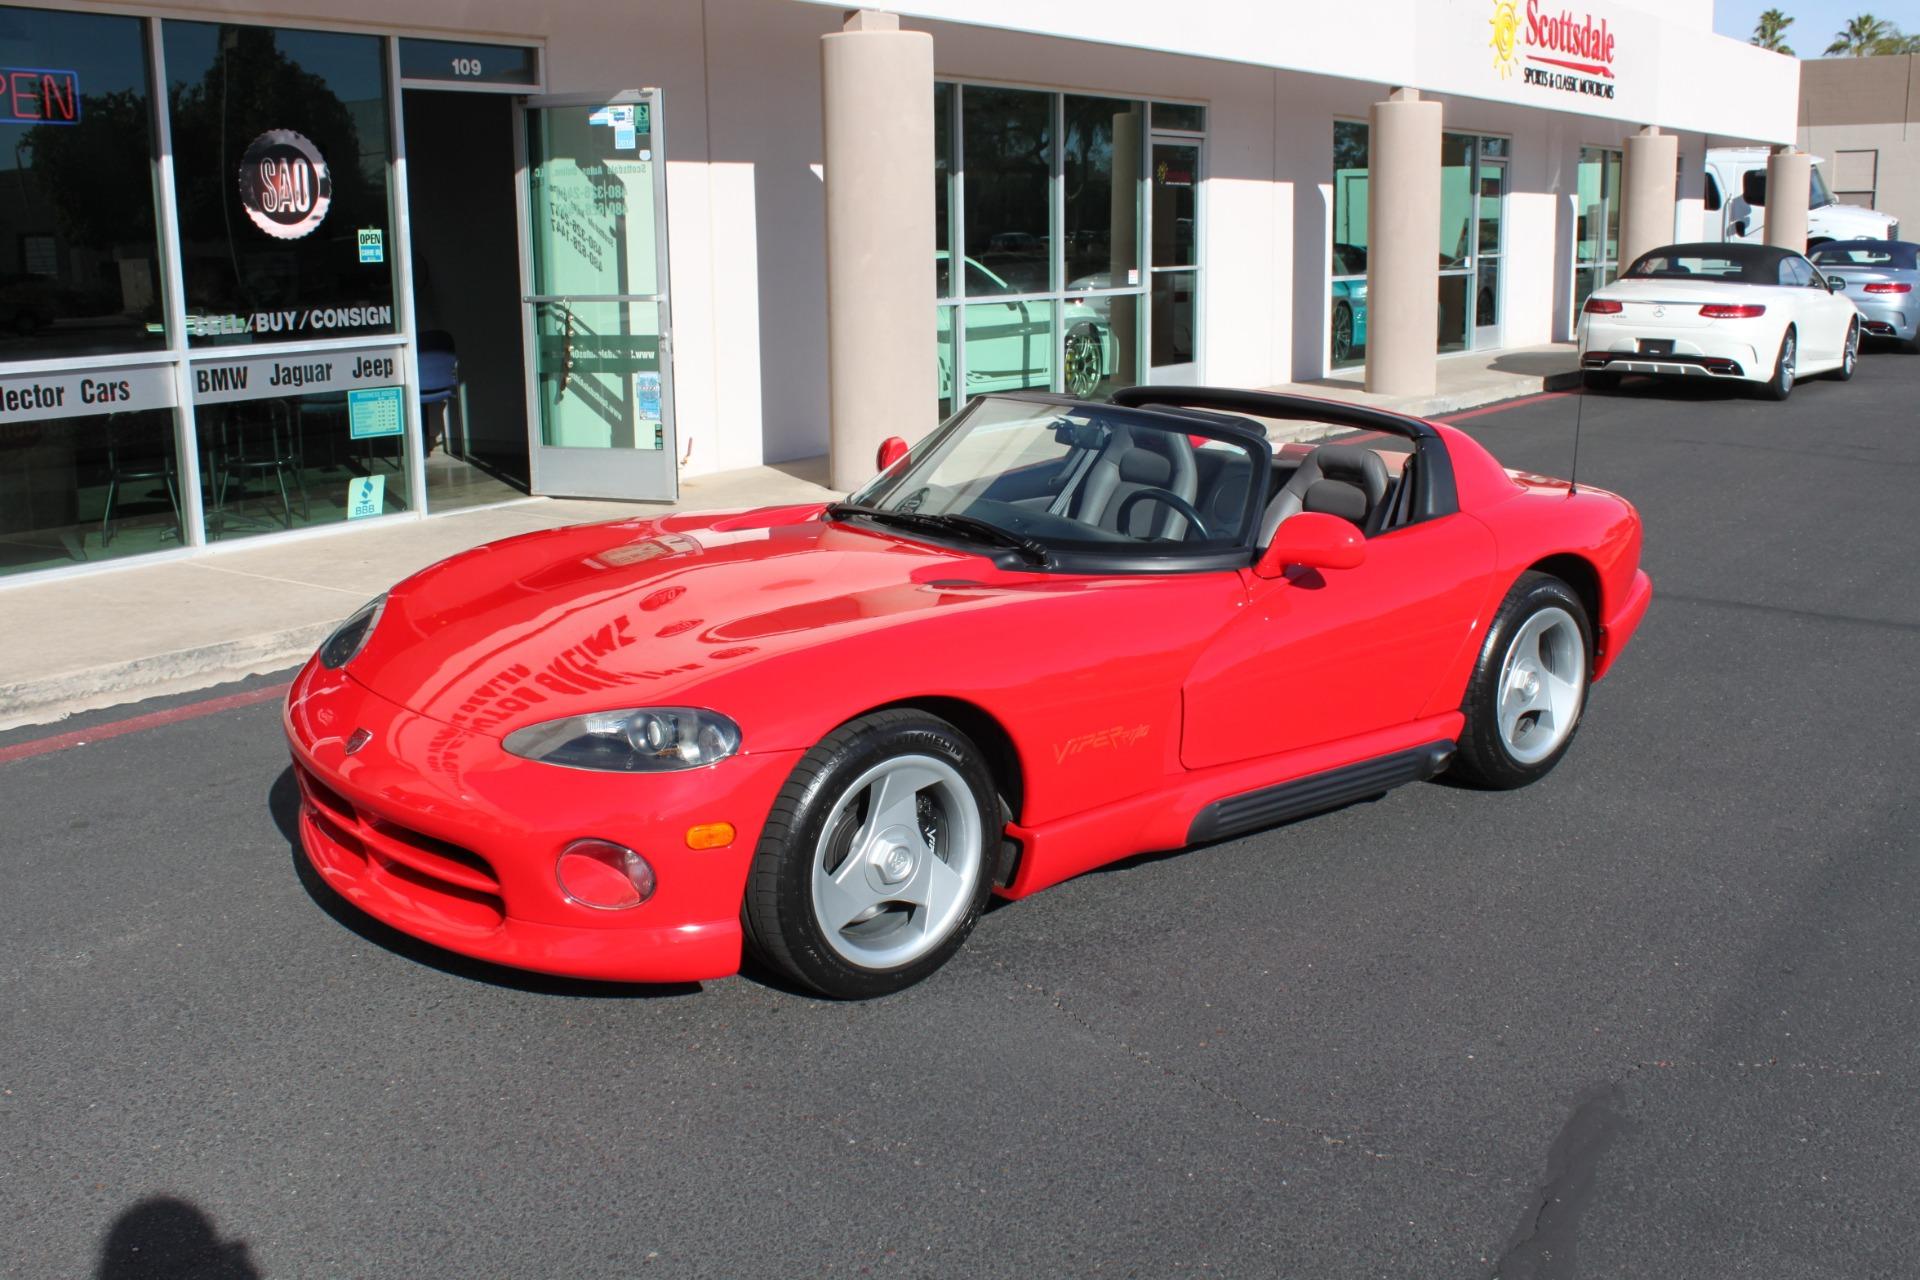 Used-1993-Dodge-Viper-Sports-Car-Chevelle